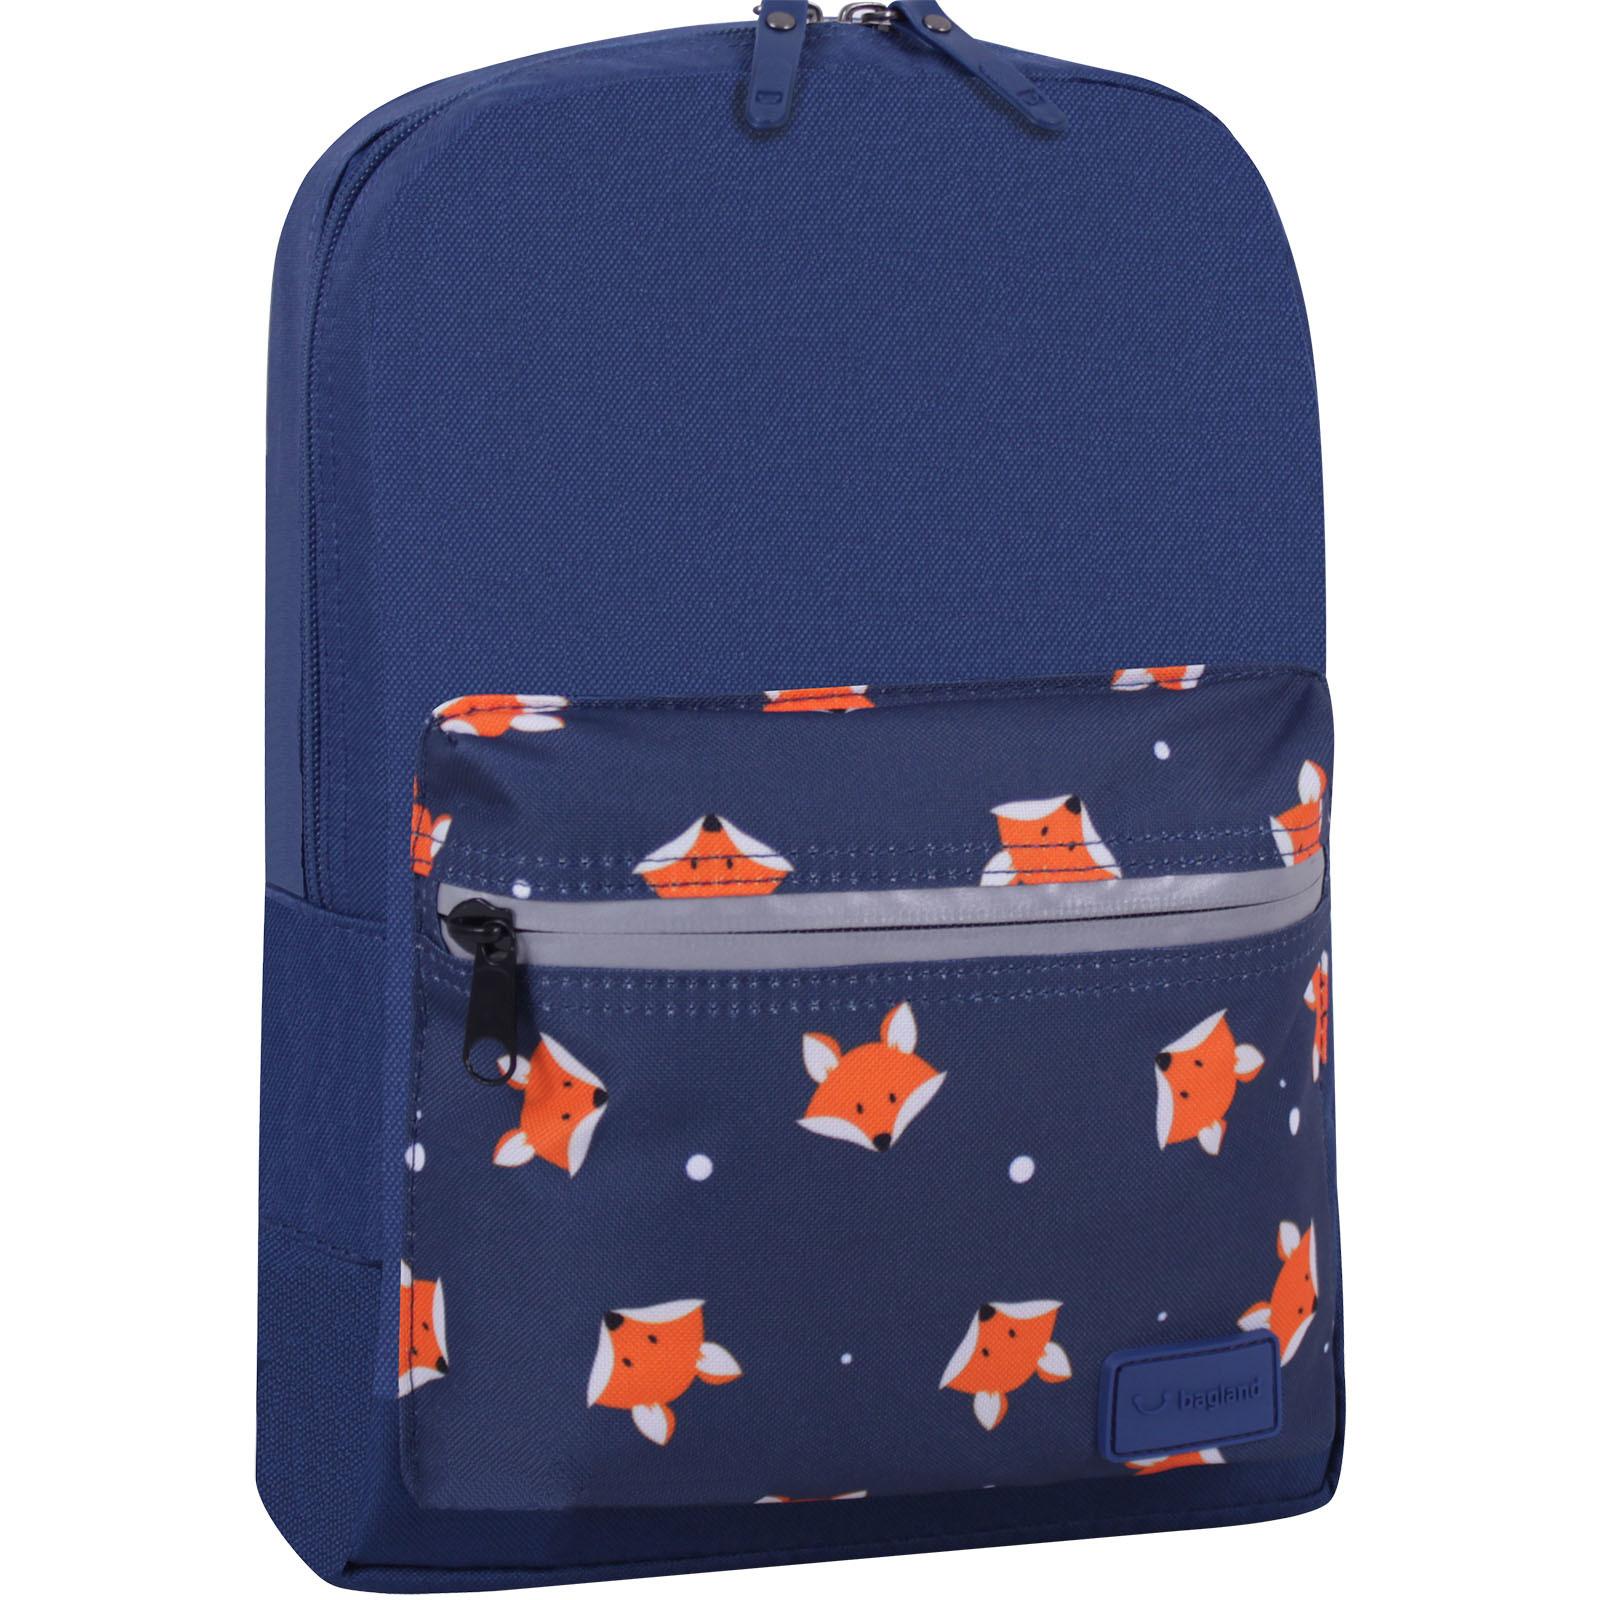 Детские рюкзаки Рюкзак Bagland Молодежный mini 8 л. синий 742 (0050866) IMG_6745_суб742_-1600.jpg